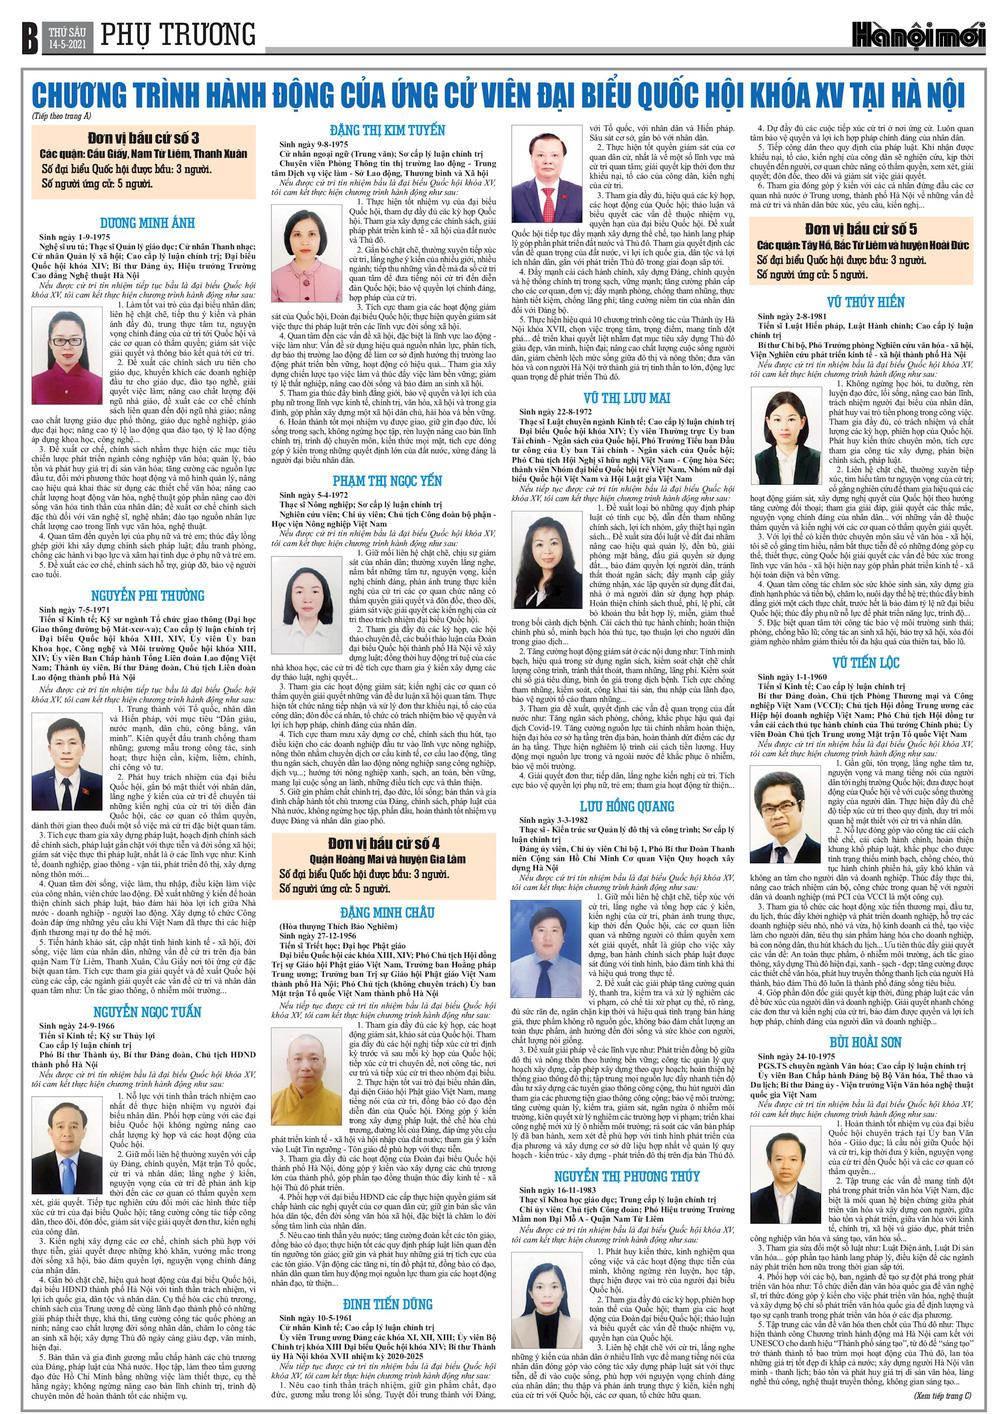 Chương trình hành động của các ứng cử viên đại biểu Quốc hội khóa XV tại Hà Nội - Ảnh 2.